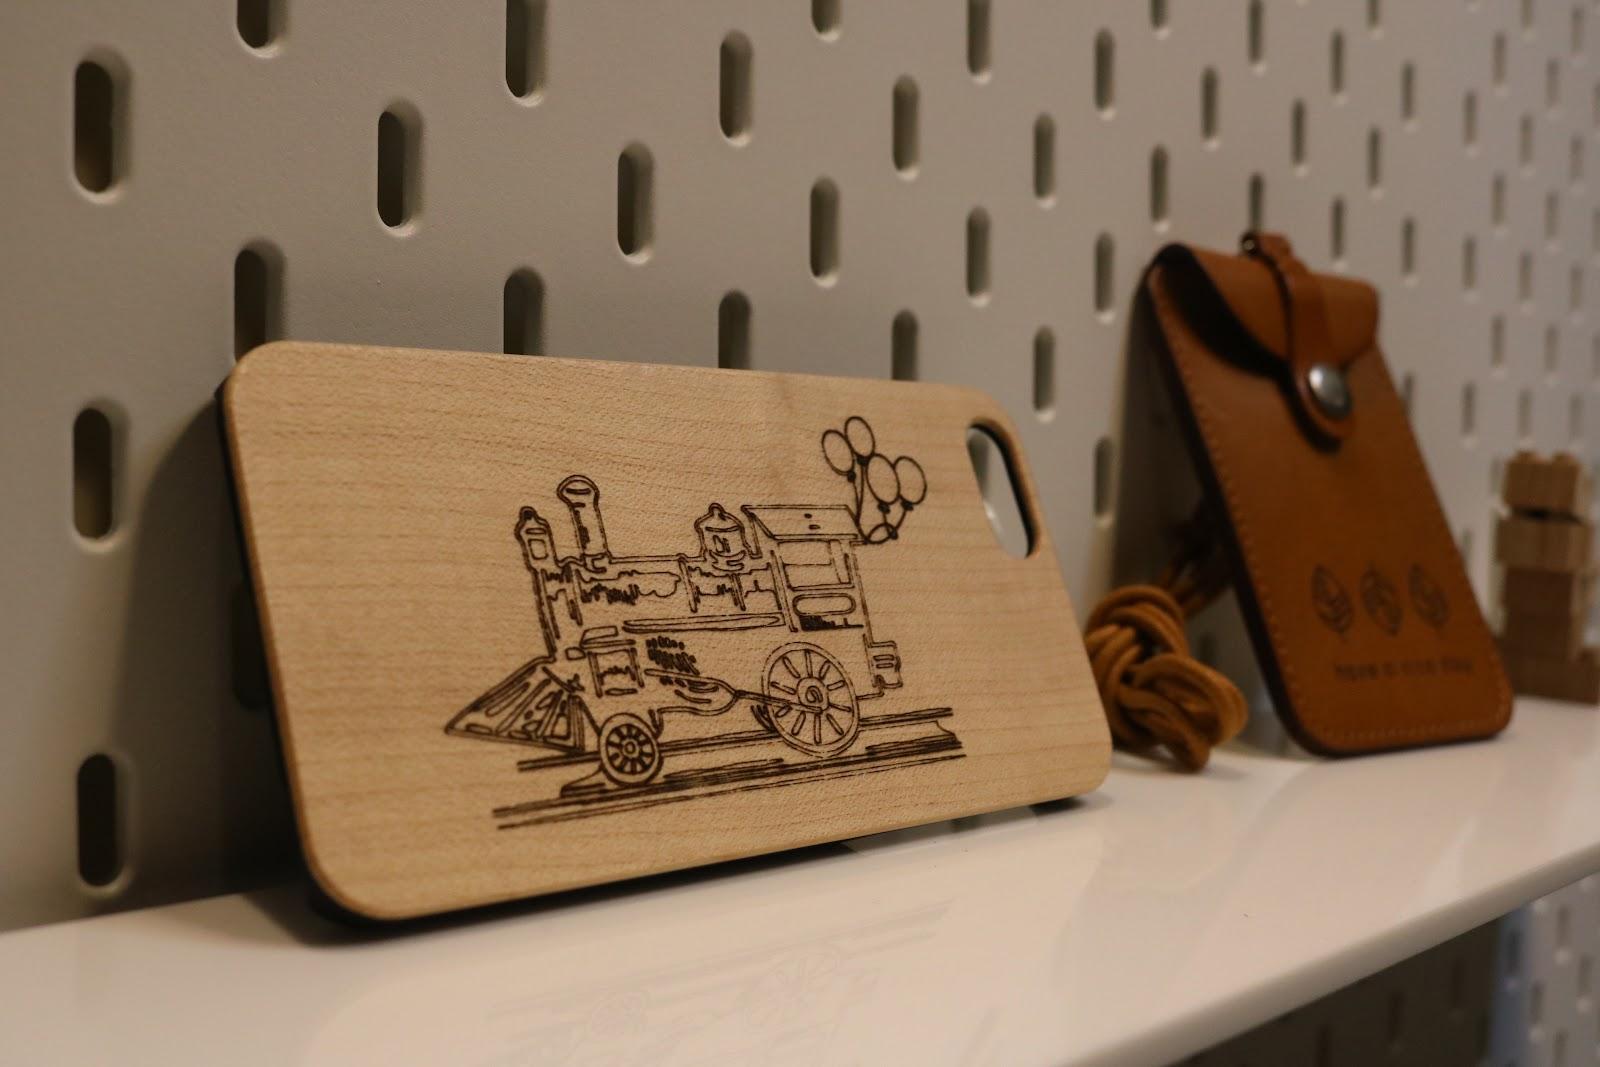 Cubiio 掌上型雷雕機可以在各種不同的材質上雕刻,如木頭、皮件、紙張等等。